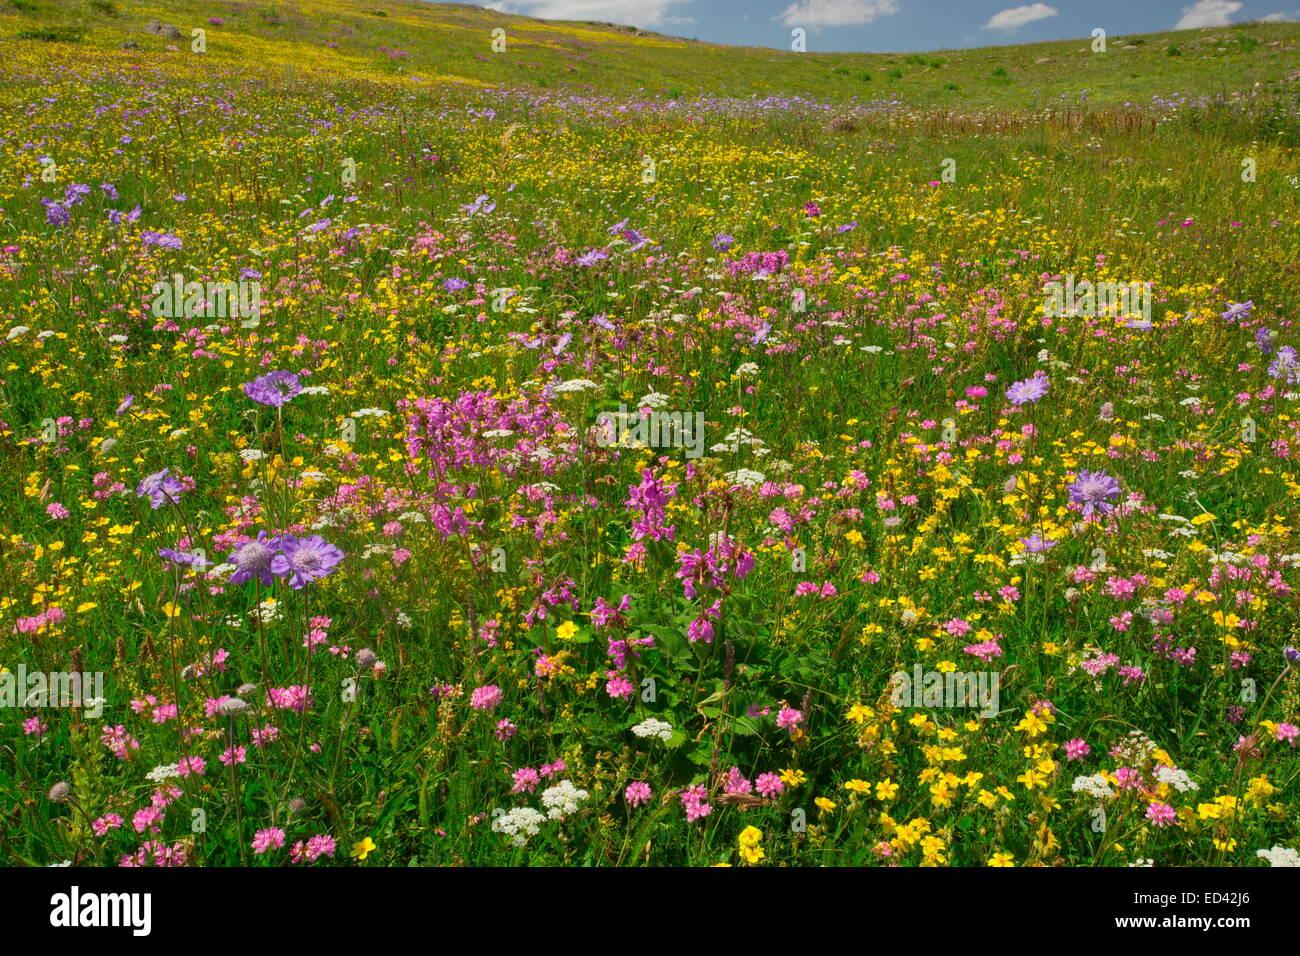 Spettacolarmente praterie fiorite a circa 6500 piedi (2000 m) sulla camma passa, a nord-est della Turchia Foto Stock